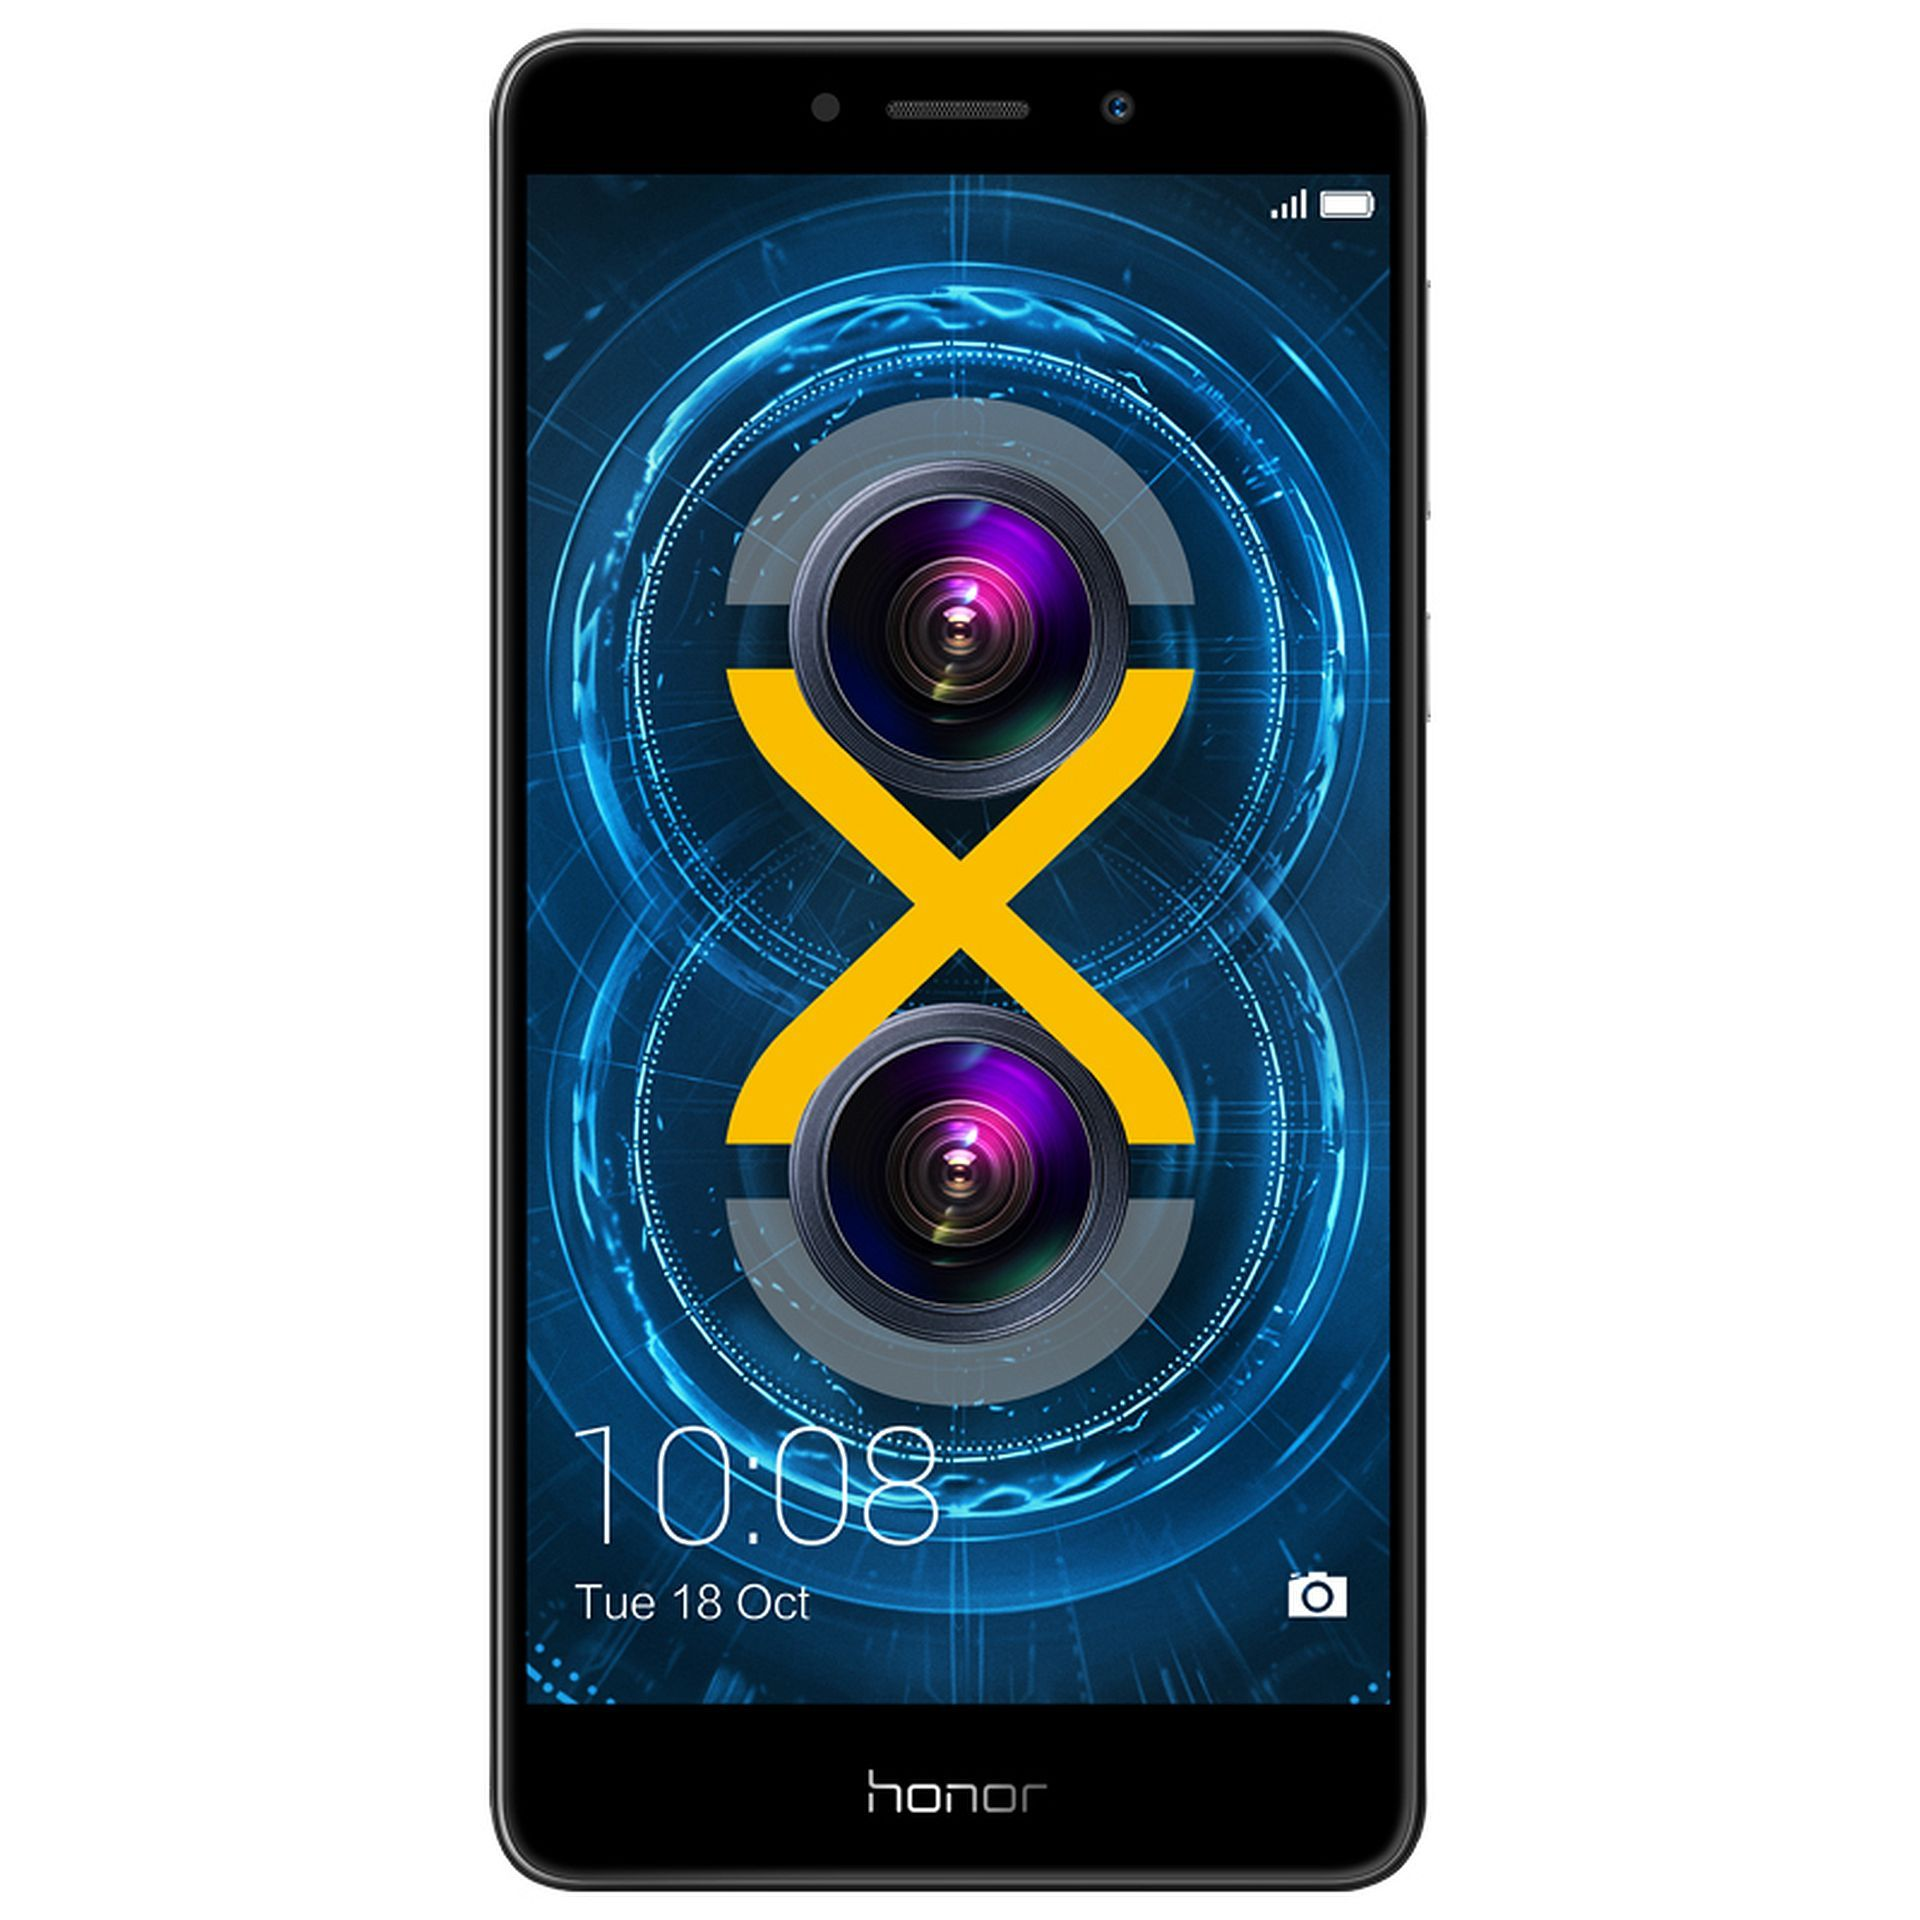 #Honor 6X [Predstavenie] http://ytech.sk/2017/01/17/honor-6x-predstavenie/